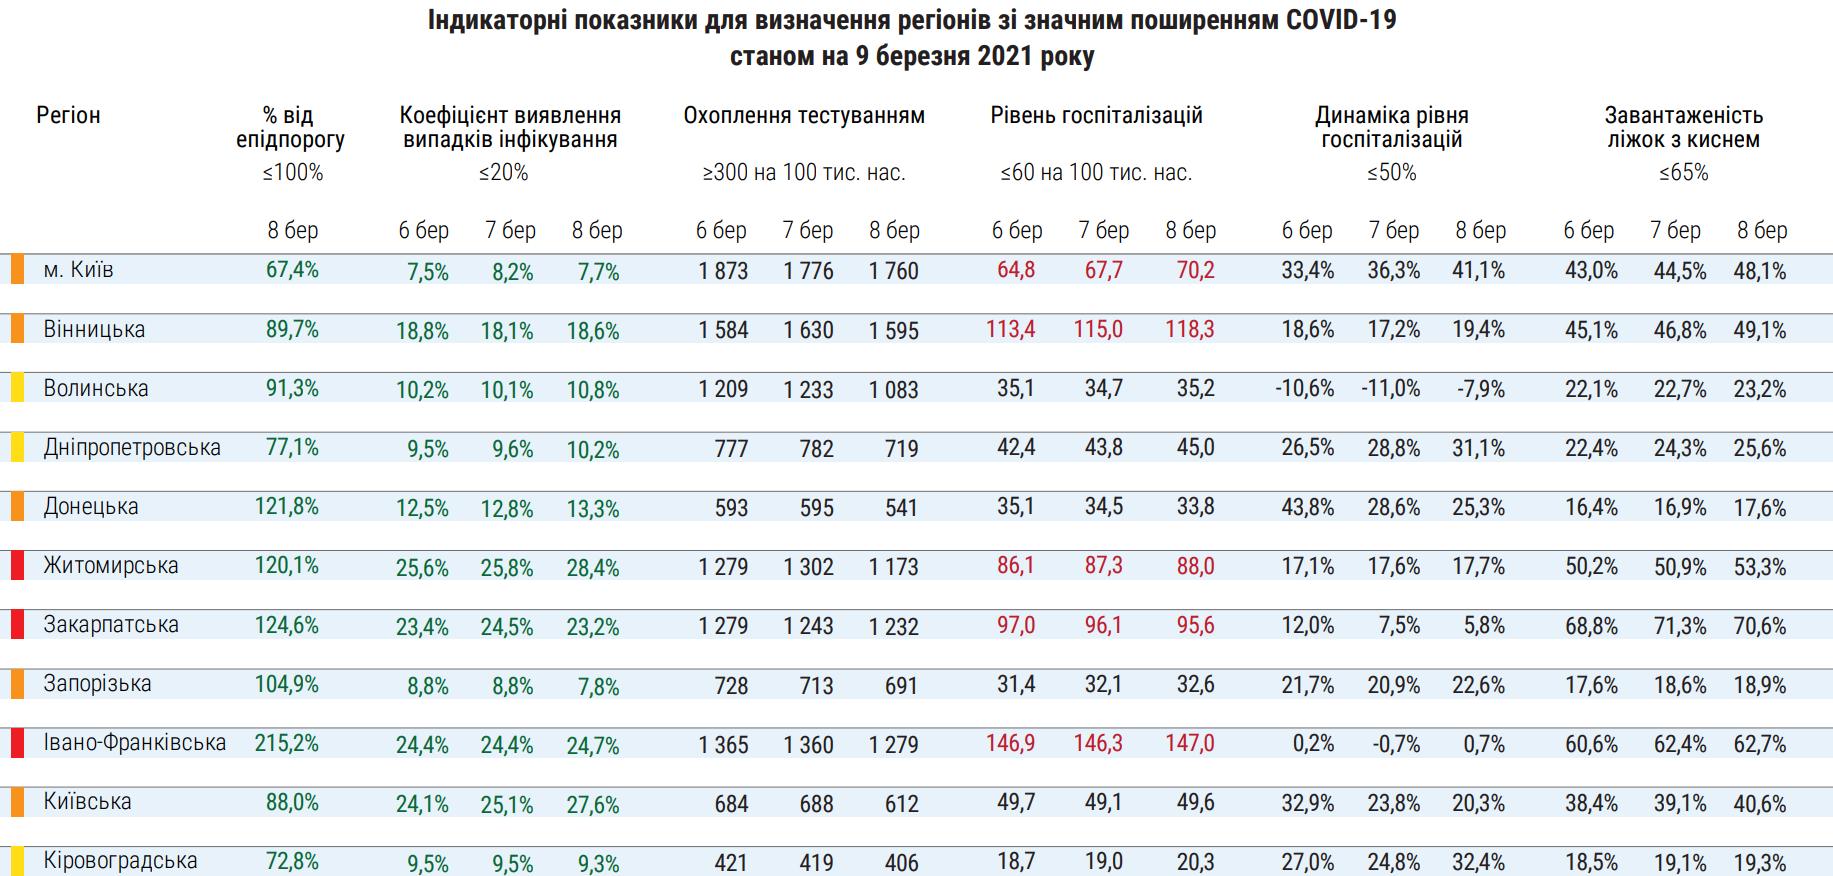 Карантинные зоны в Украине.